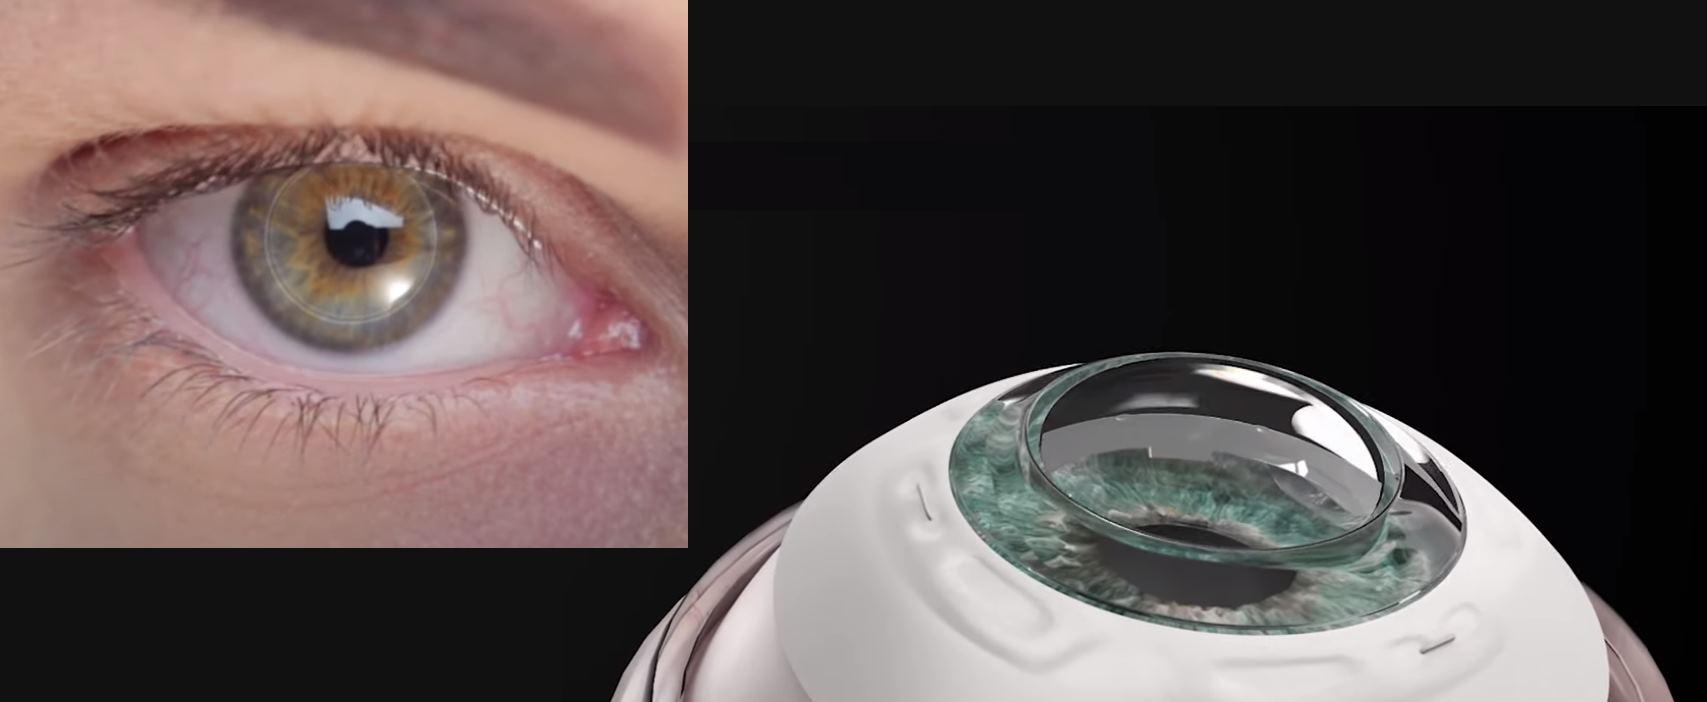 Recupera la vista con la ayuda de una córnea sintética